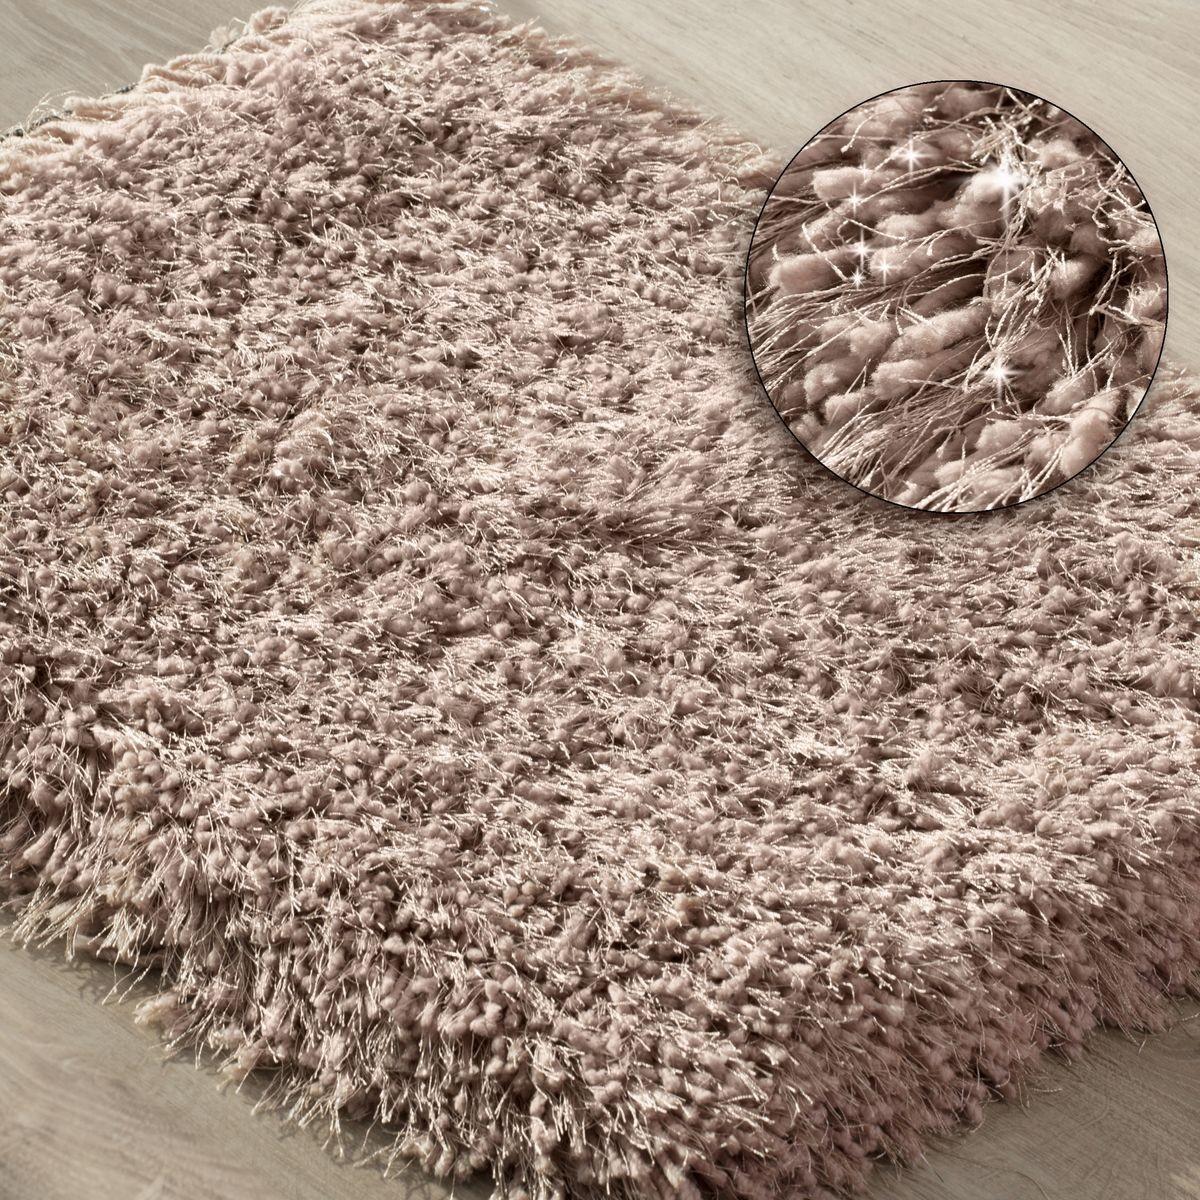 DomTextilu Pohodlný ružový shaggy koberec Šírka: 50 cm | Dĺžka: 70 cm 44474-208057